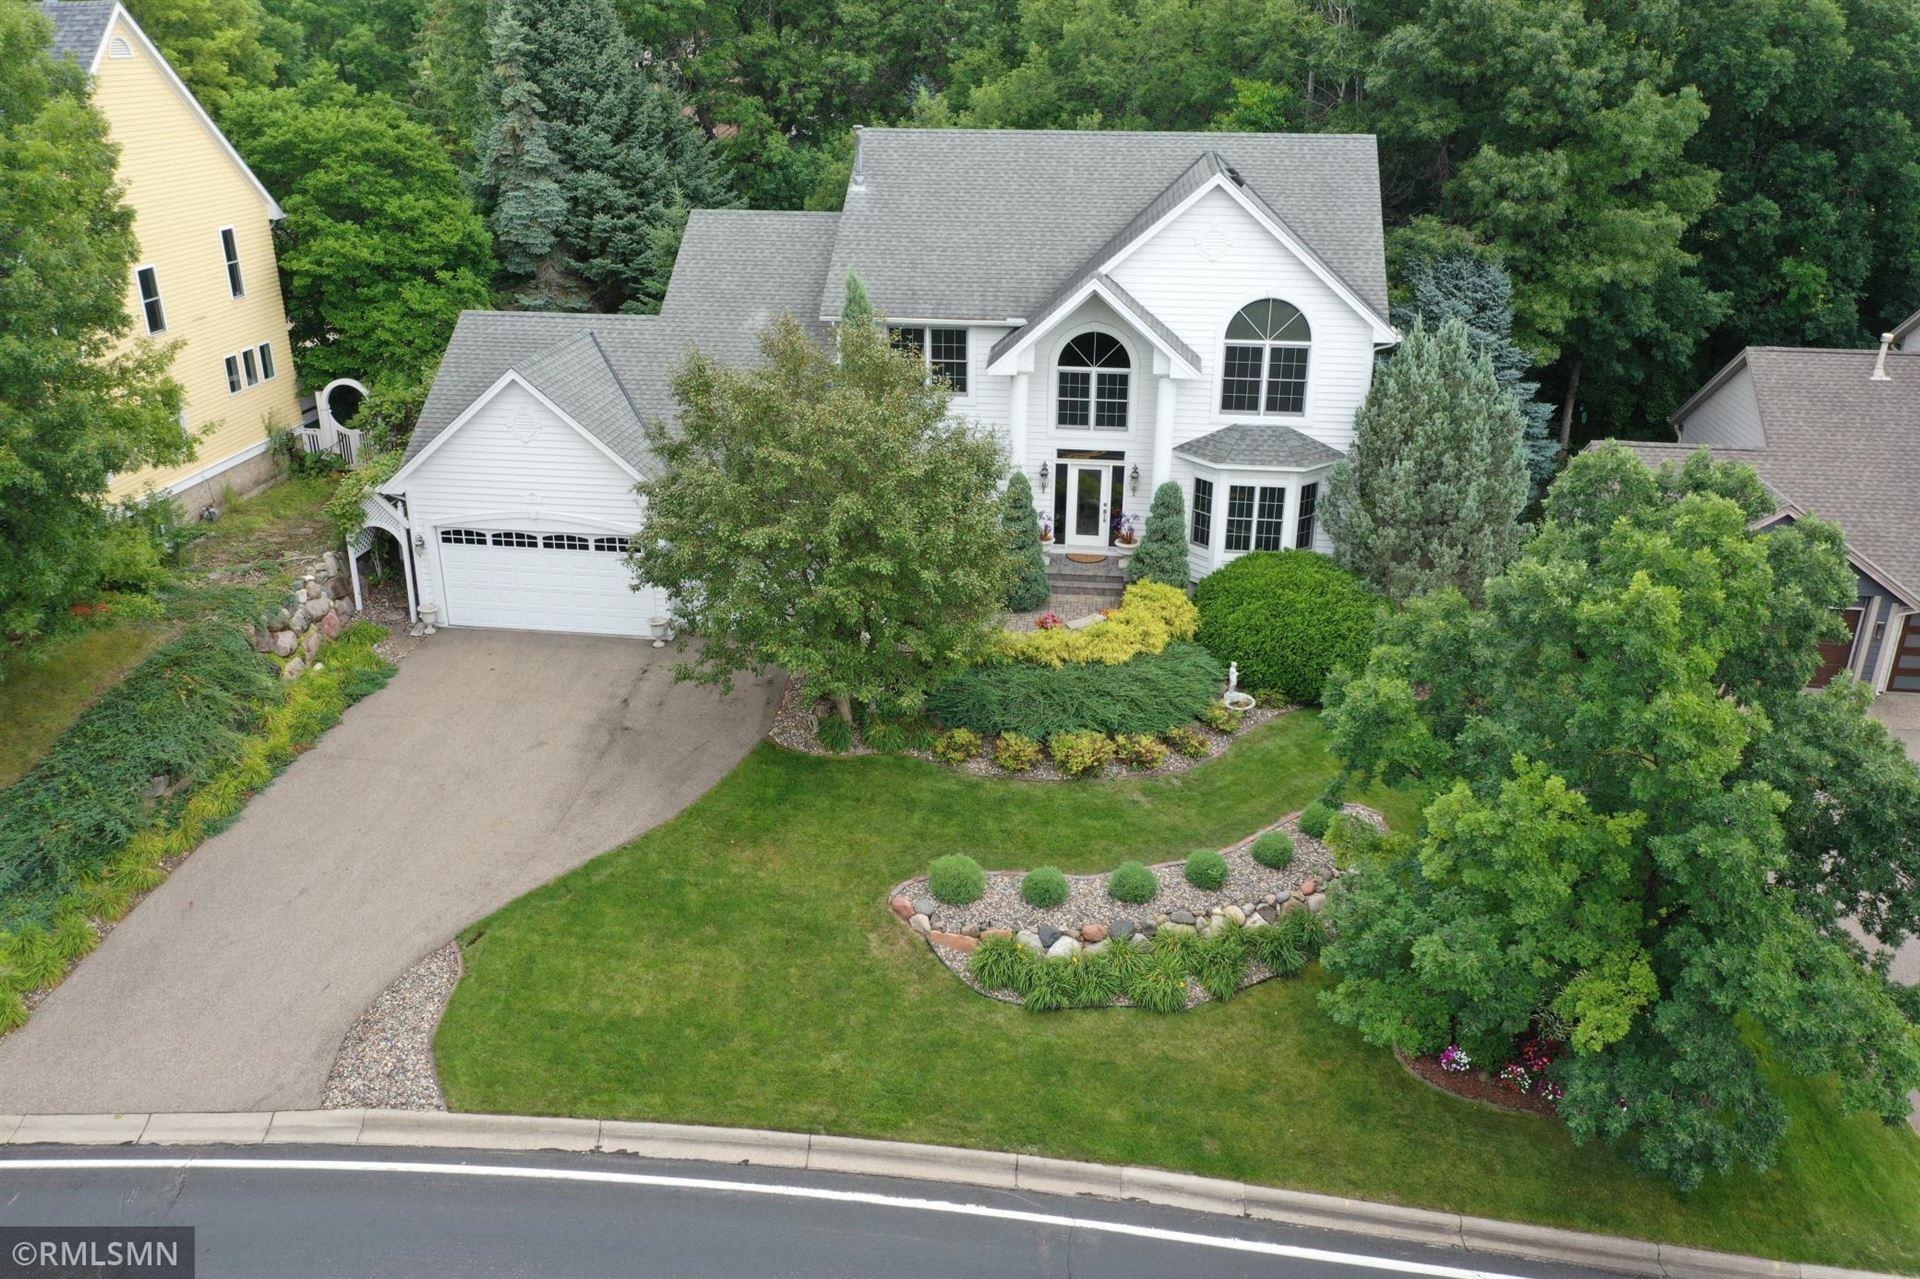 Photo of 14613 Innsbrook Lane, Burnsville, MN 55306 (MLS # 6099542)